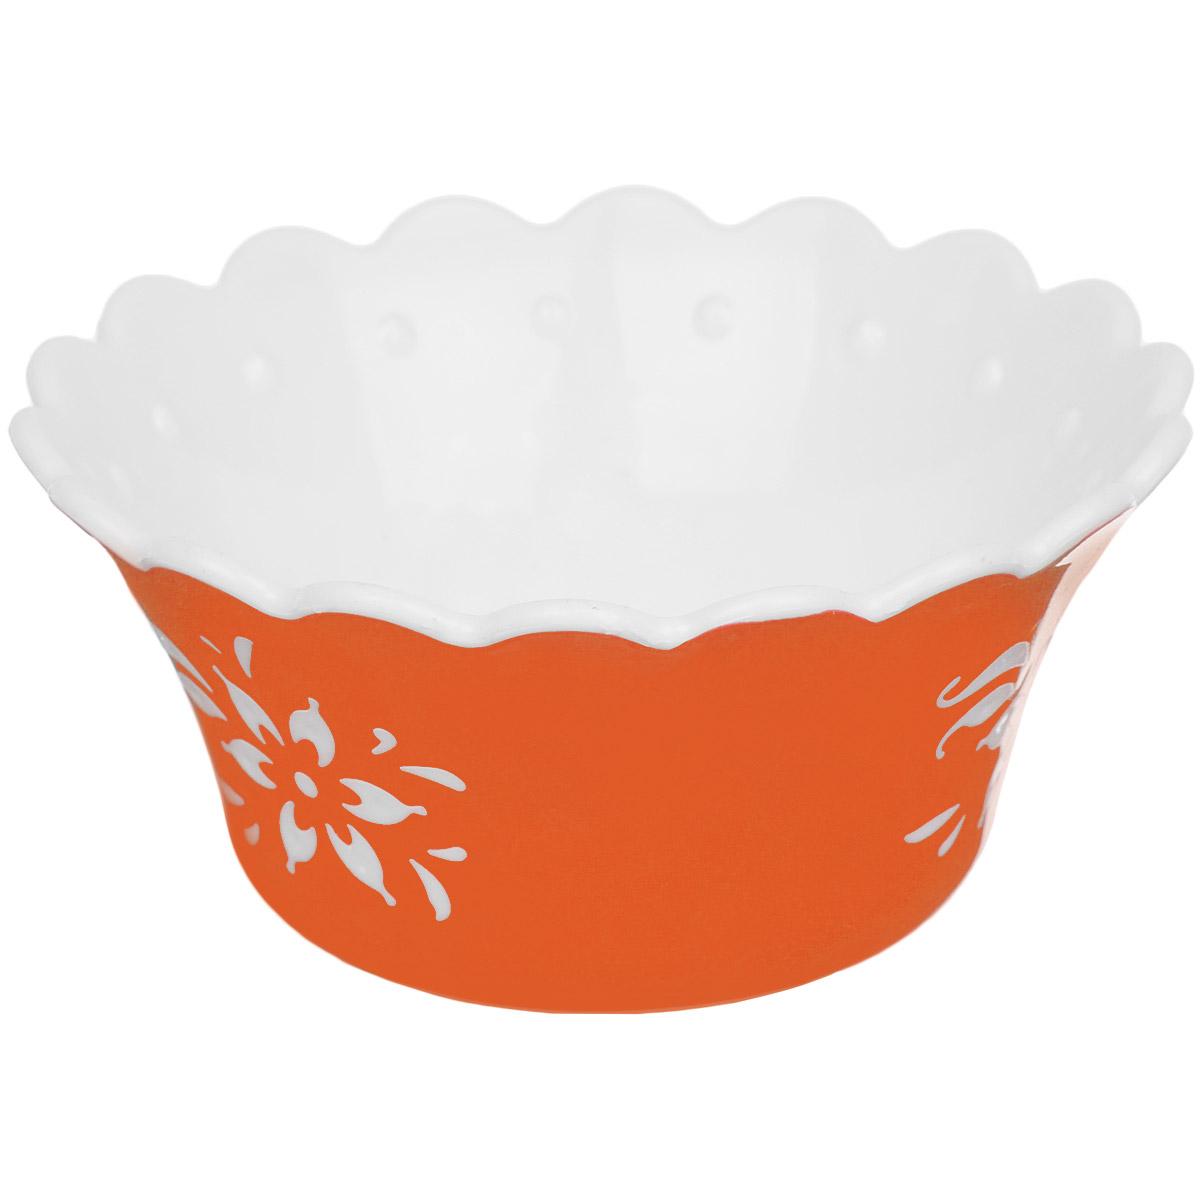 Емкость для варенья Альтернатива Премьера, цвет: оранжевый, 150 млM2216Емкость для варенья Альтернатива Премьера выполнена из высококачественного пластика и оформлена узором. Емкость имеет прозрачную крышку и, несомненно, понравится любителям классического стиля.Такая емкость украсит ваш праздничный или обеденный стол, а яркое оформление понравится любой хозяйке.